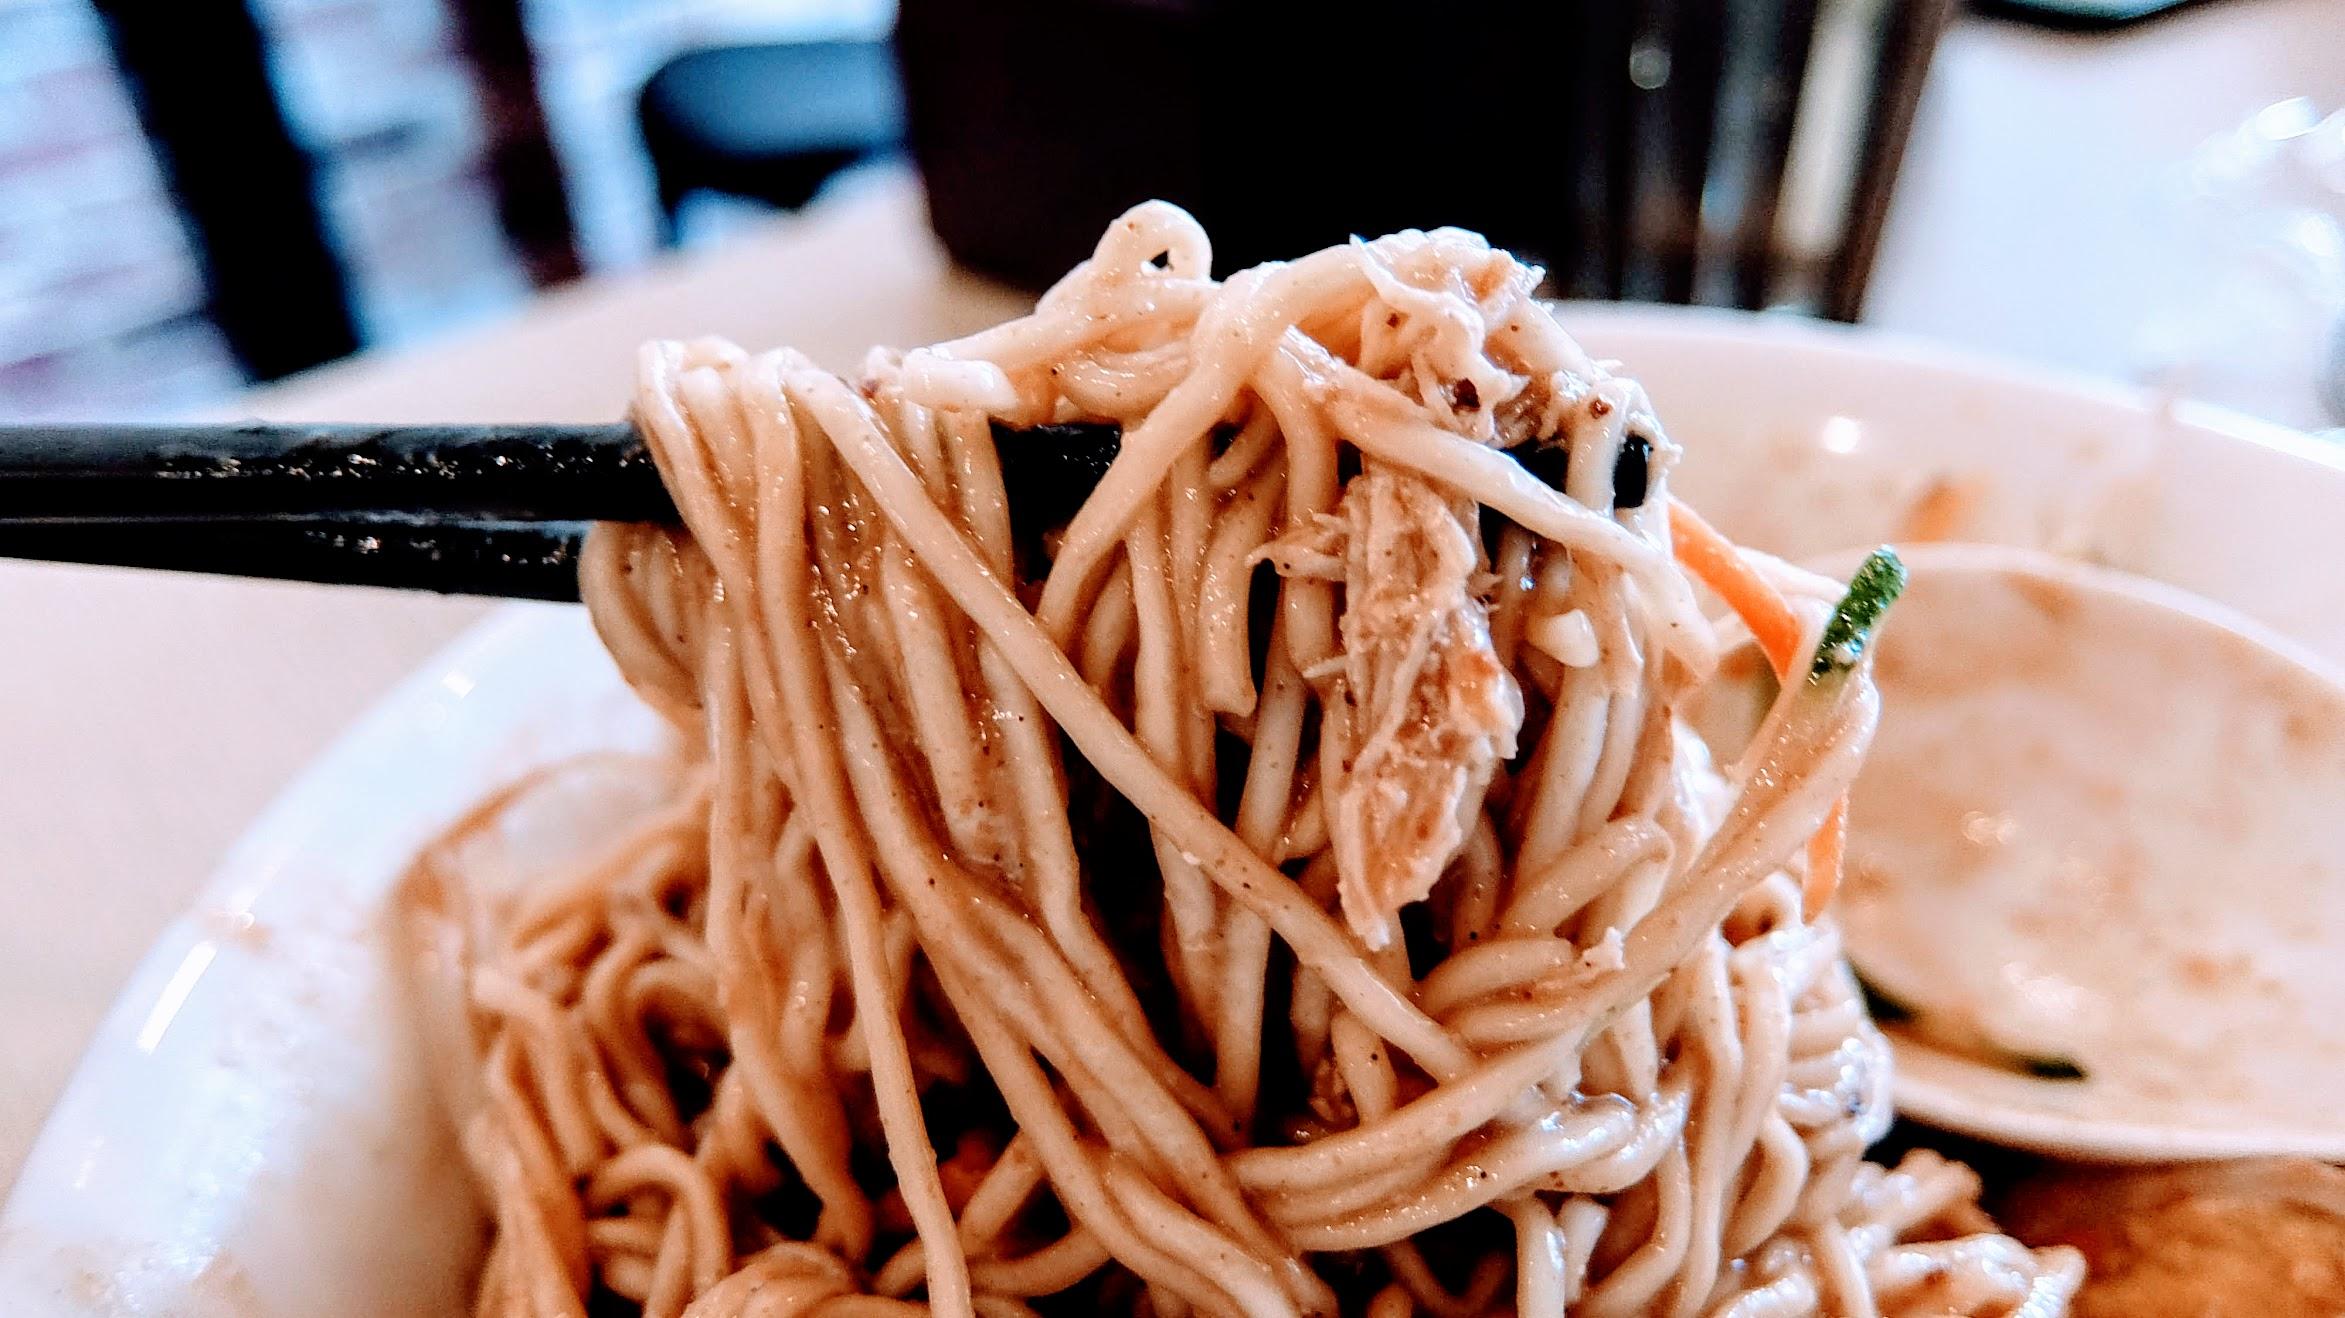 麻醬的醬汁很多,足夠攪拌整碗麵,且這次點的細麵都有吸附湯汁...